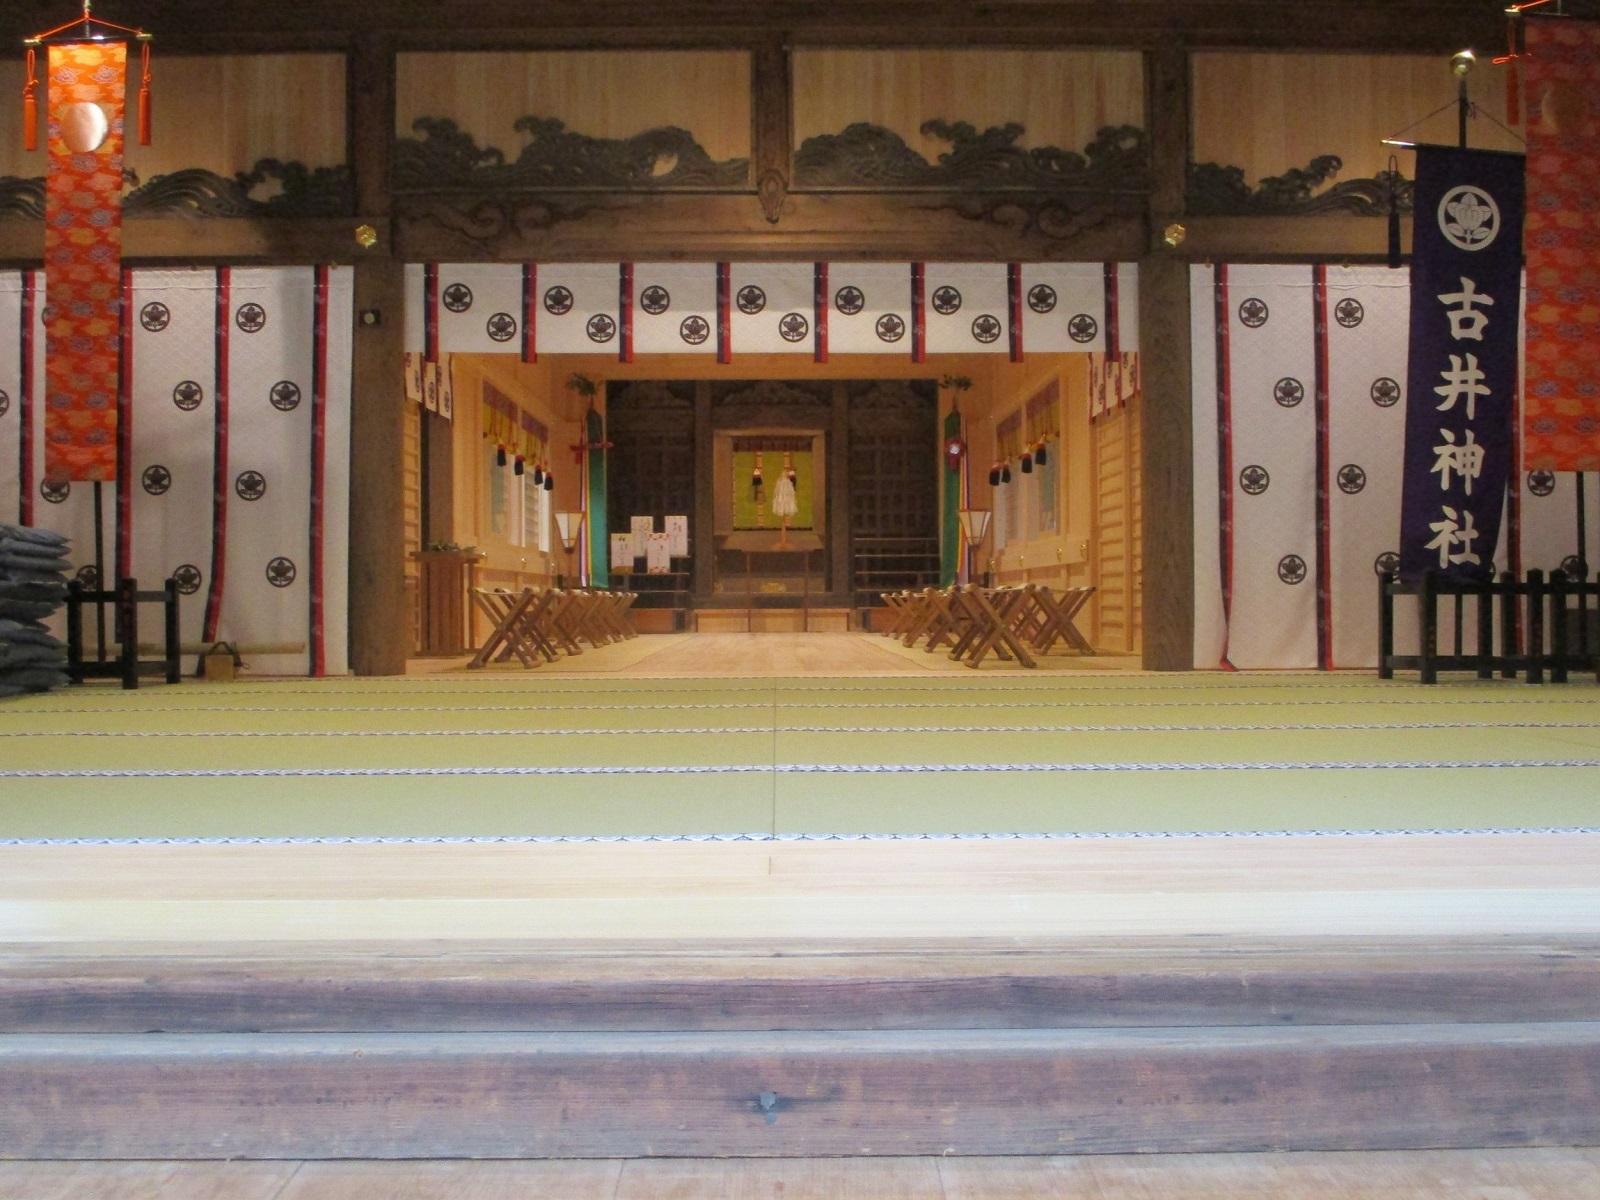 2020.6.27 (54) 古井神社 - 本社殿内 1600-1200